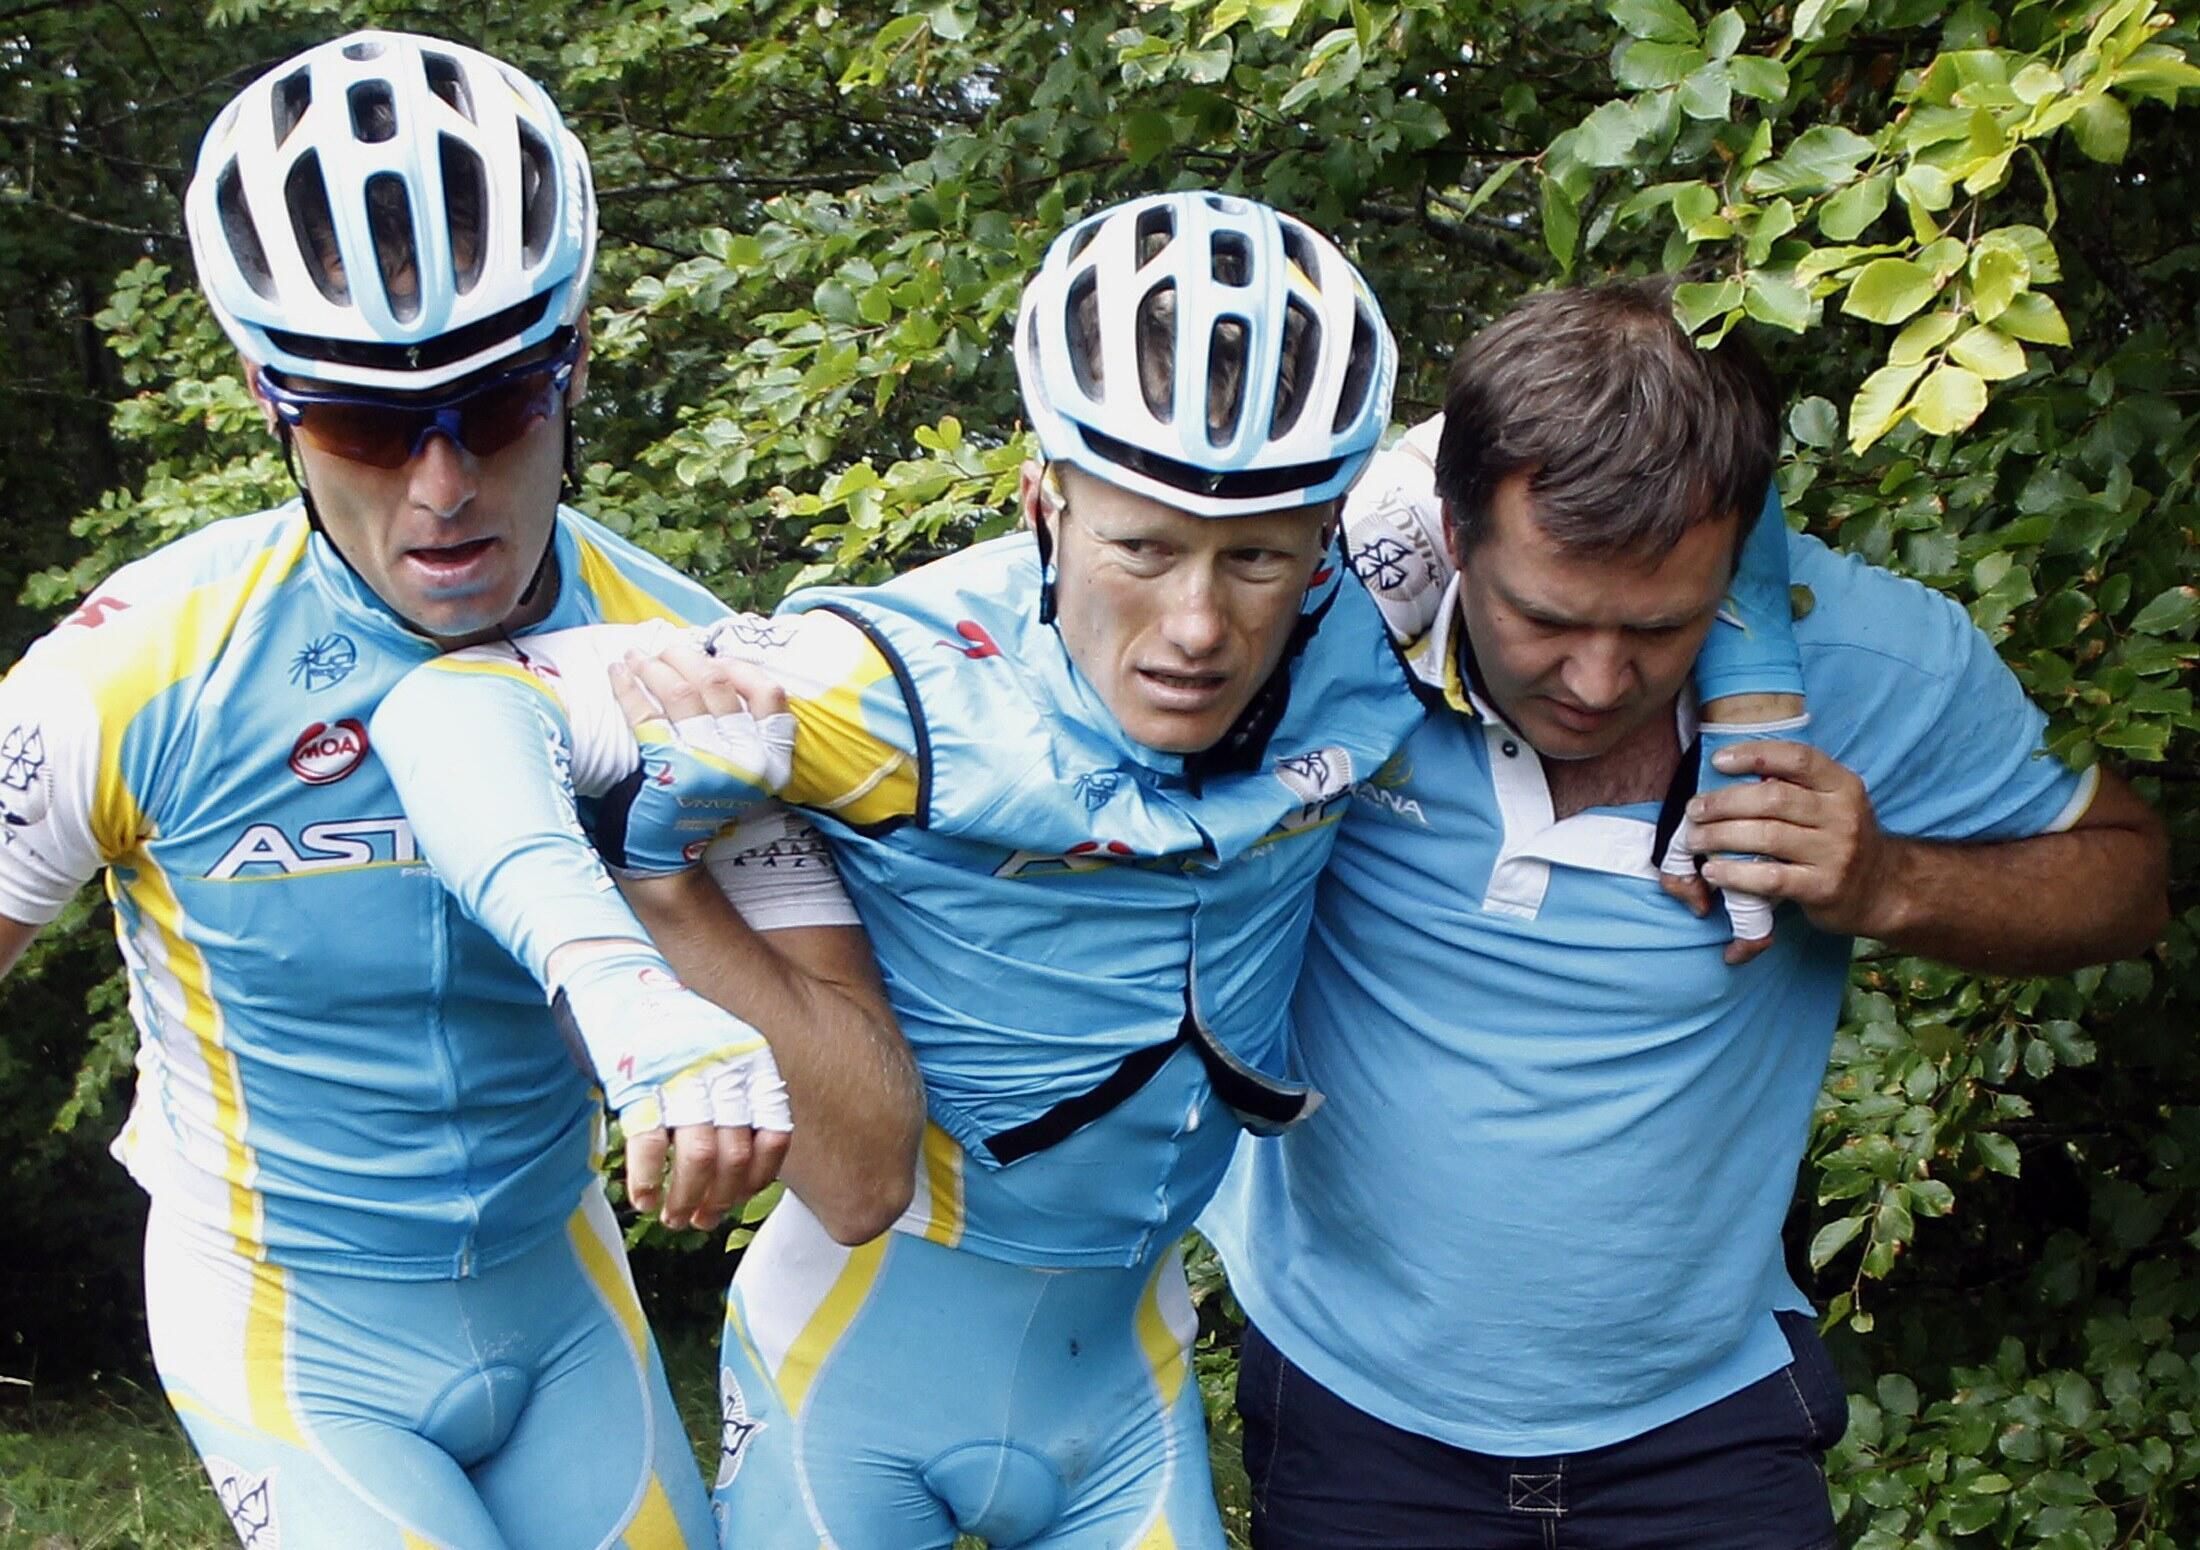 Велогонщик Александр Винокуров после падения и перелома бедренной кости на девятом этапе Тур де Франс 10 июля 2011 года